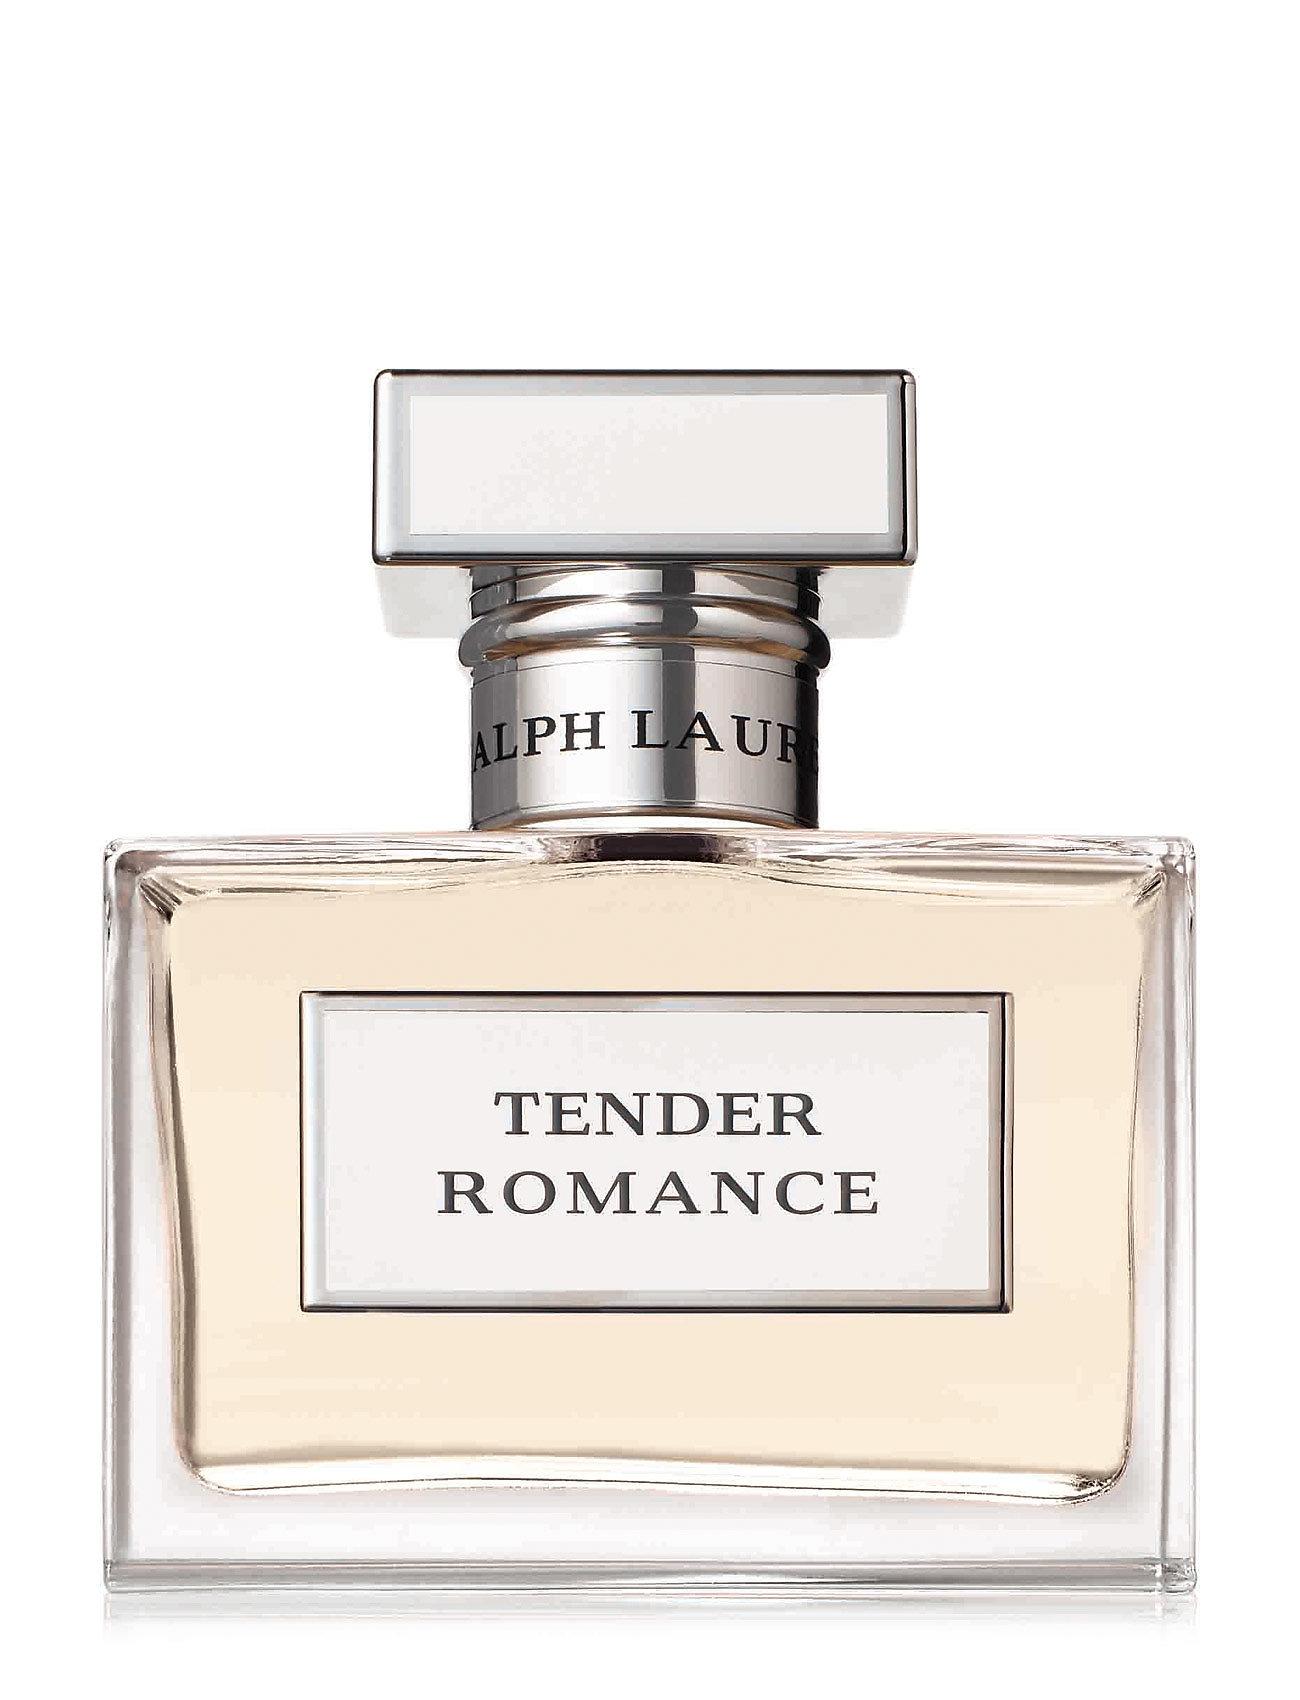 ralph lauren – Tender romance eau de parfum 50 ml på boozt.com dk